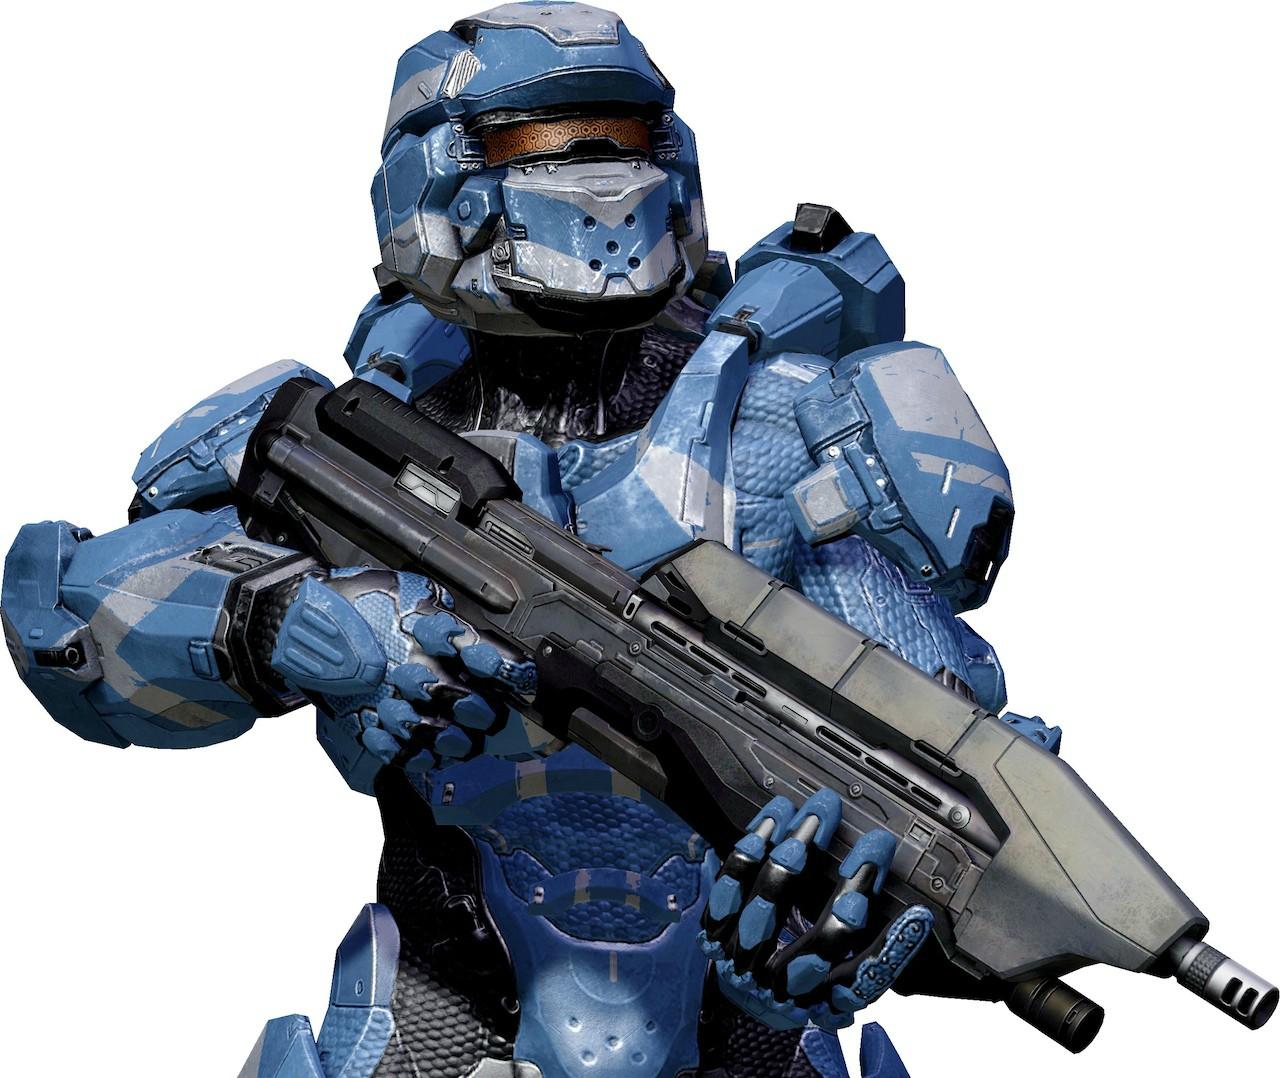 Halo4 360 Visuel 033